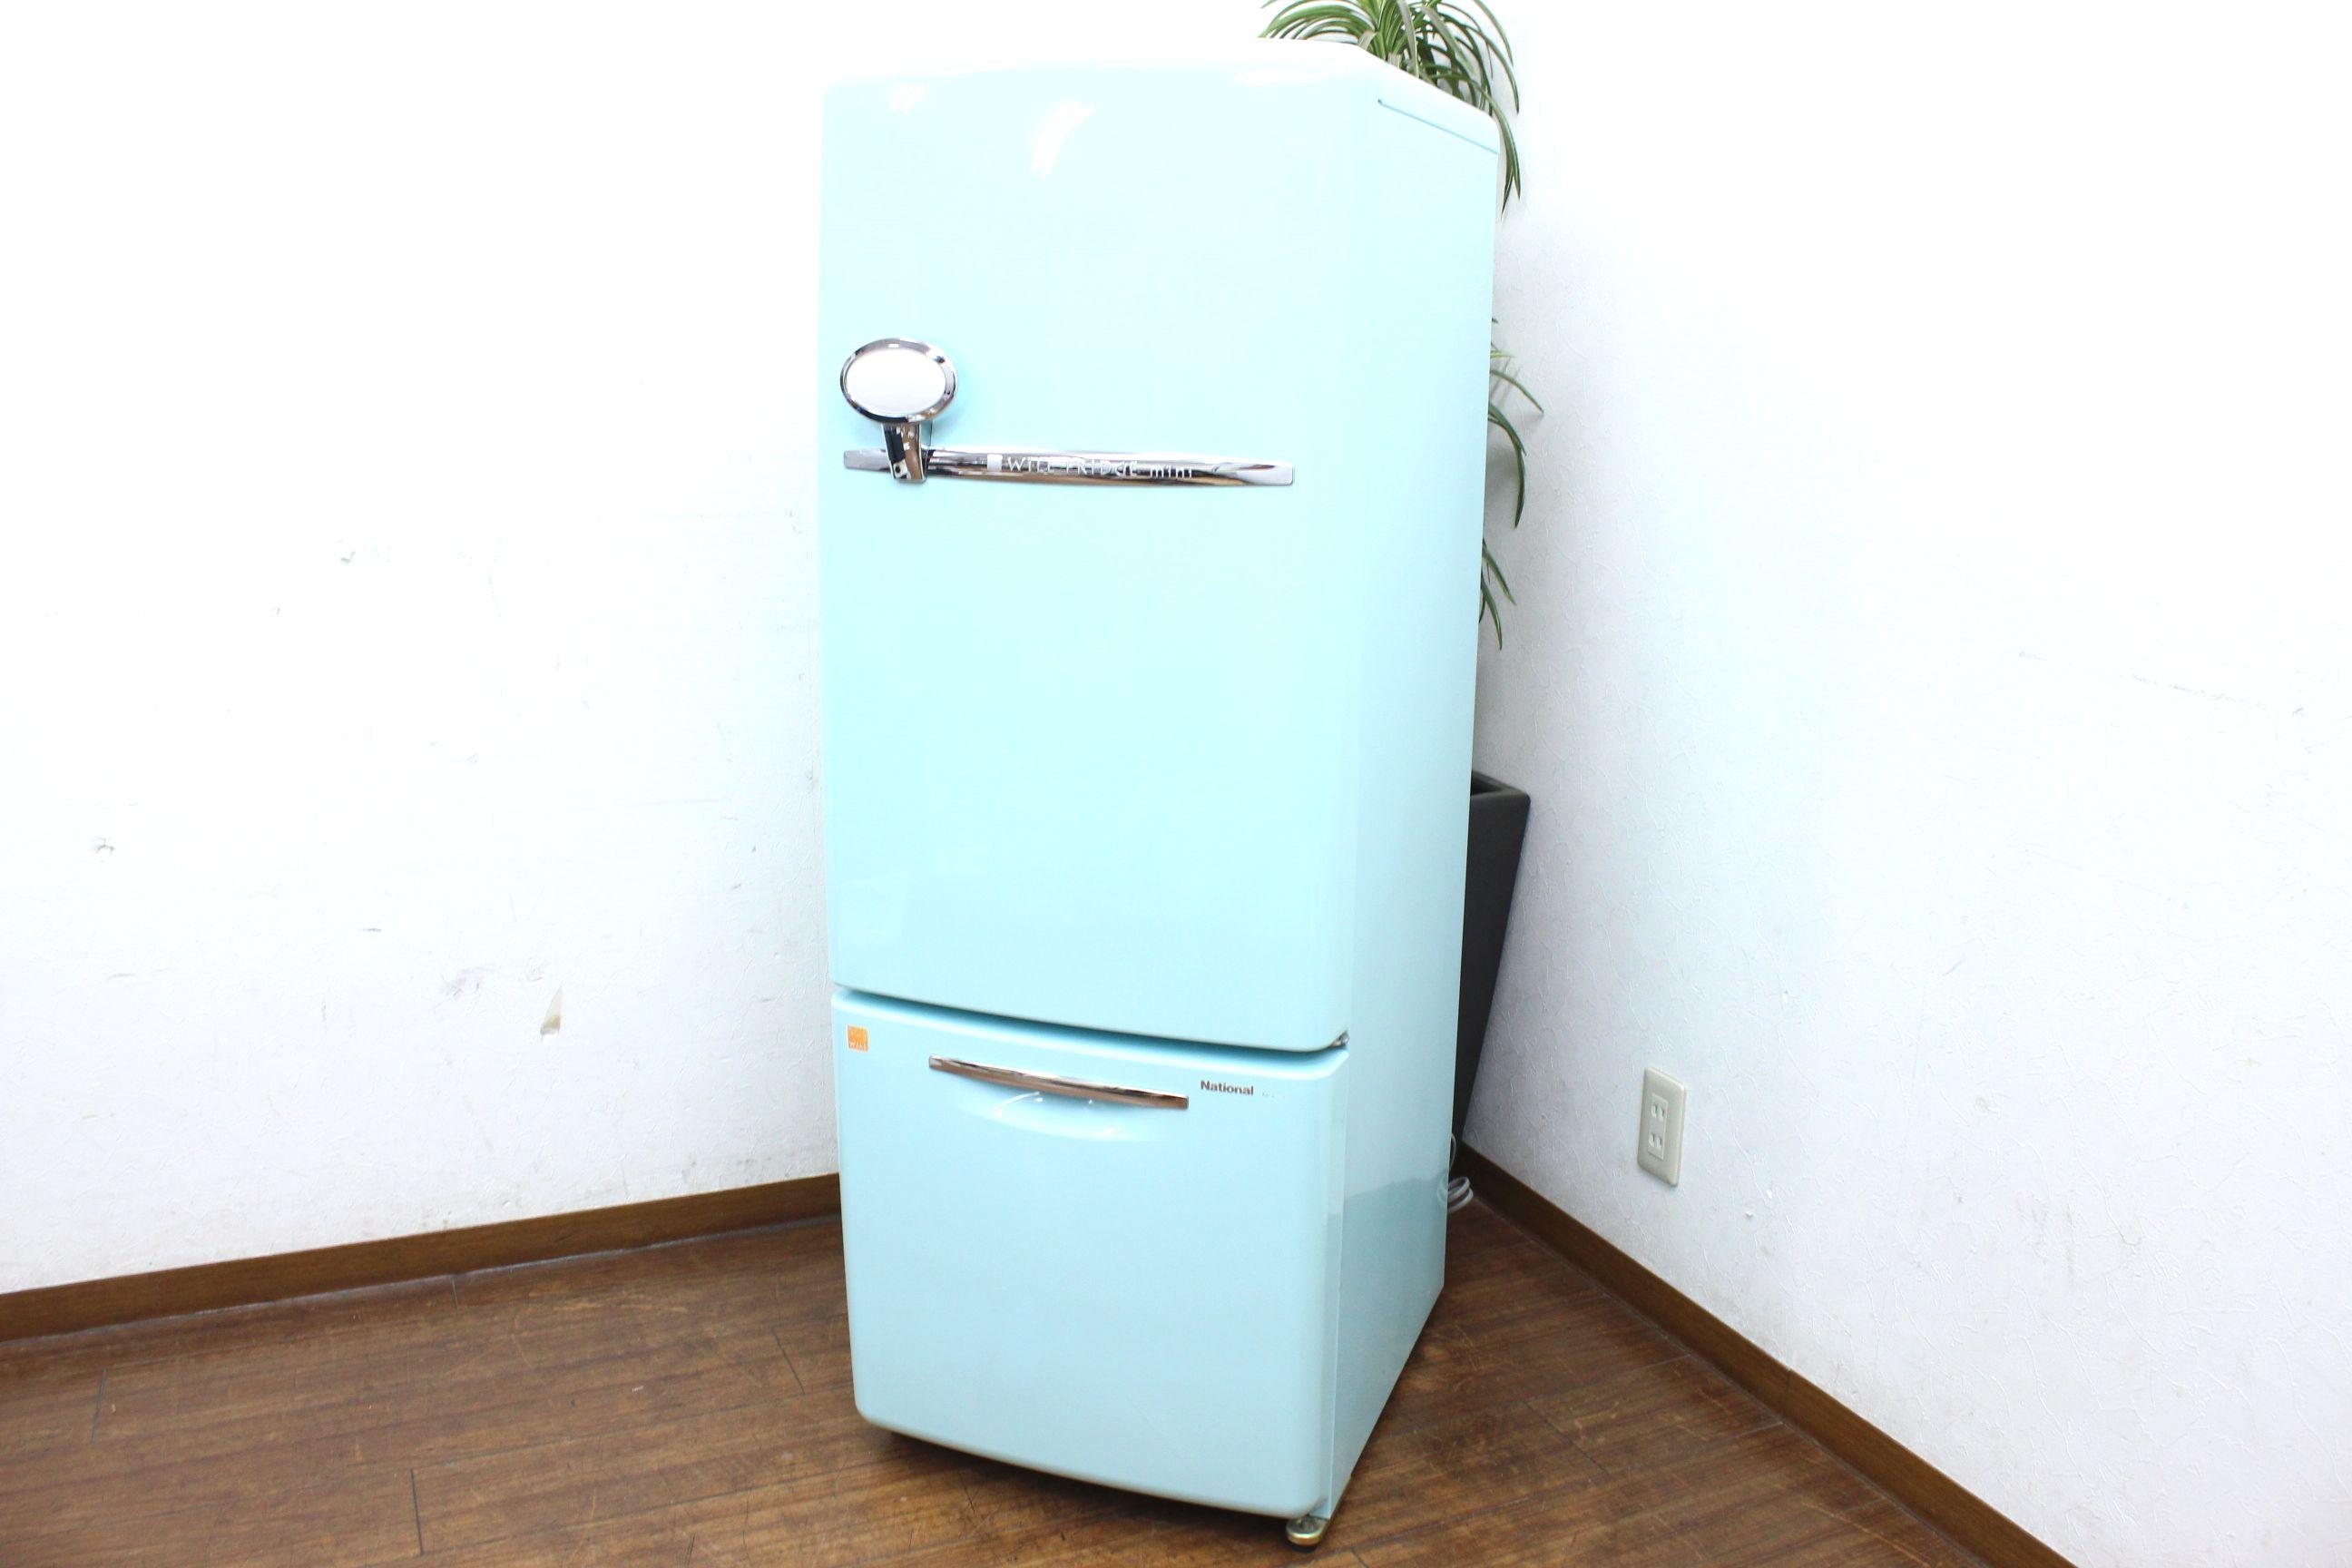 (大野城市)National ナショナル WiLL ウィル FRIDGE mini 2ドア冷凍冷蔵庫 ターコイズブルー 162Lの買取-